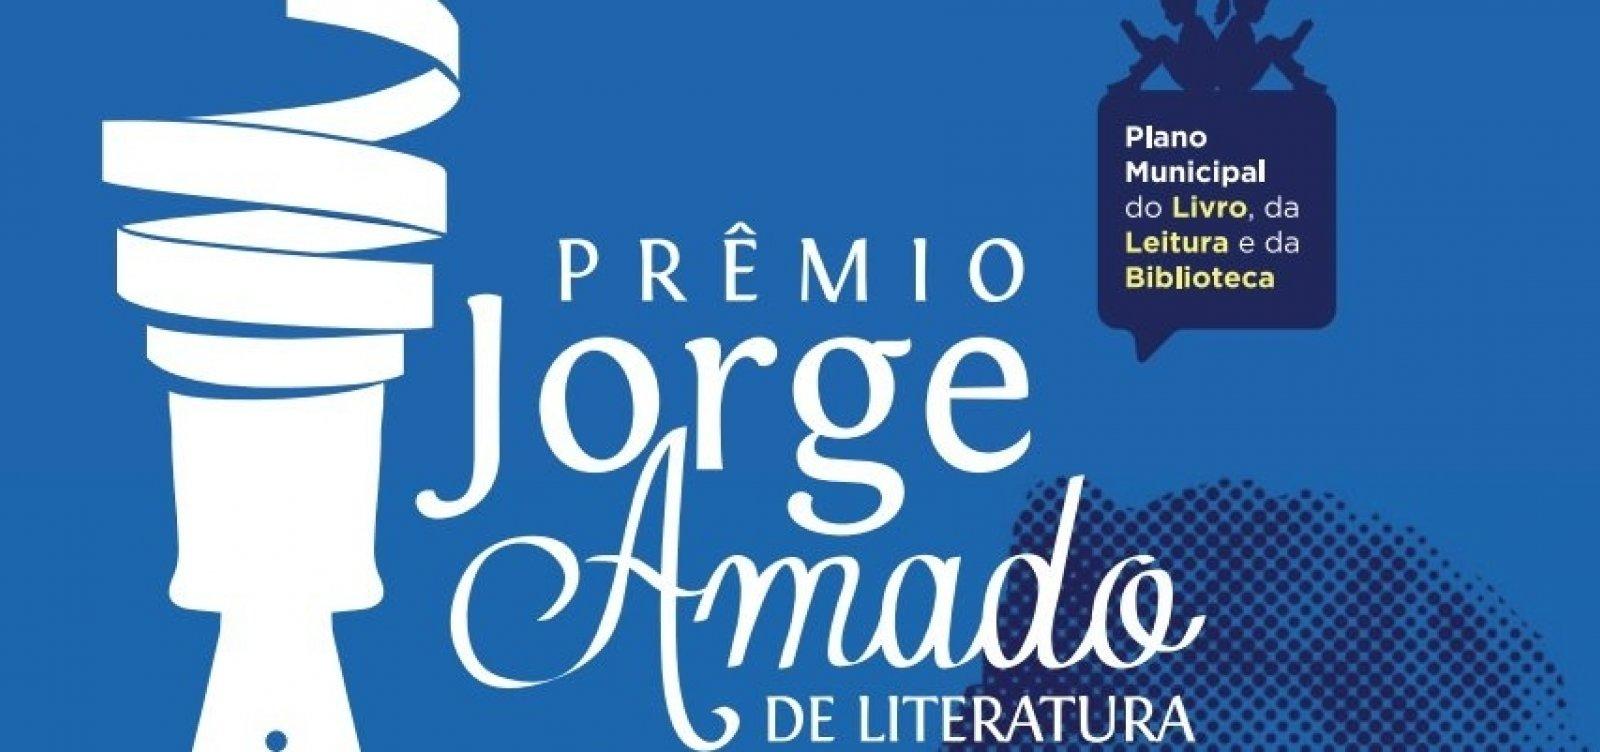 Prefeitura divulga alunos vencedores do Prêmio Jorge Amado de Literatura